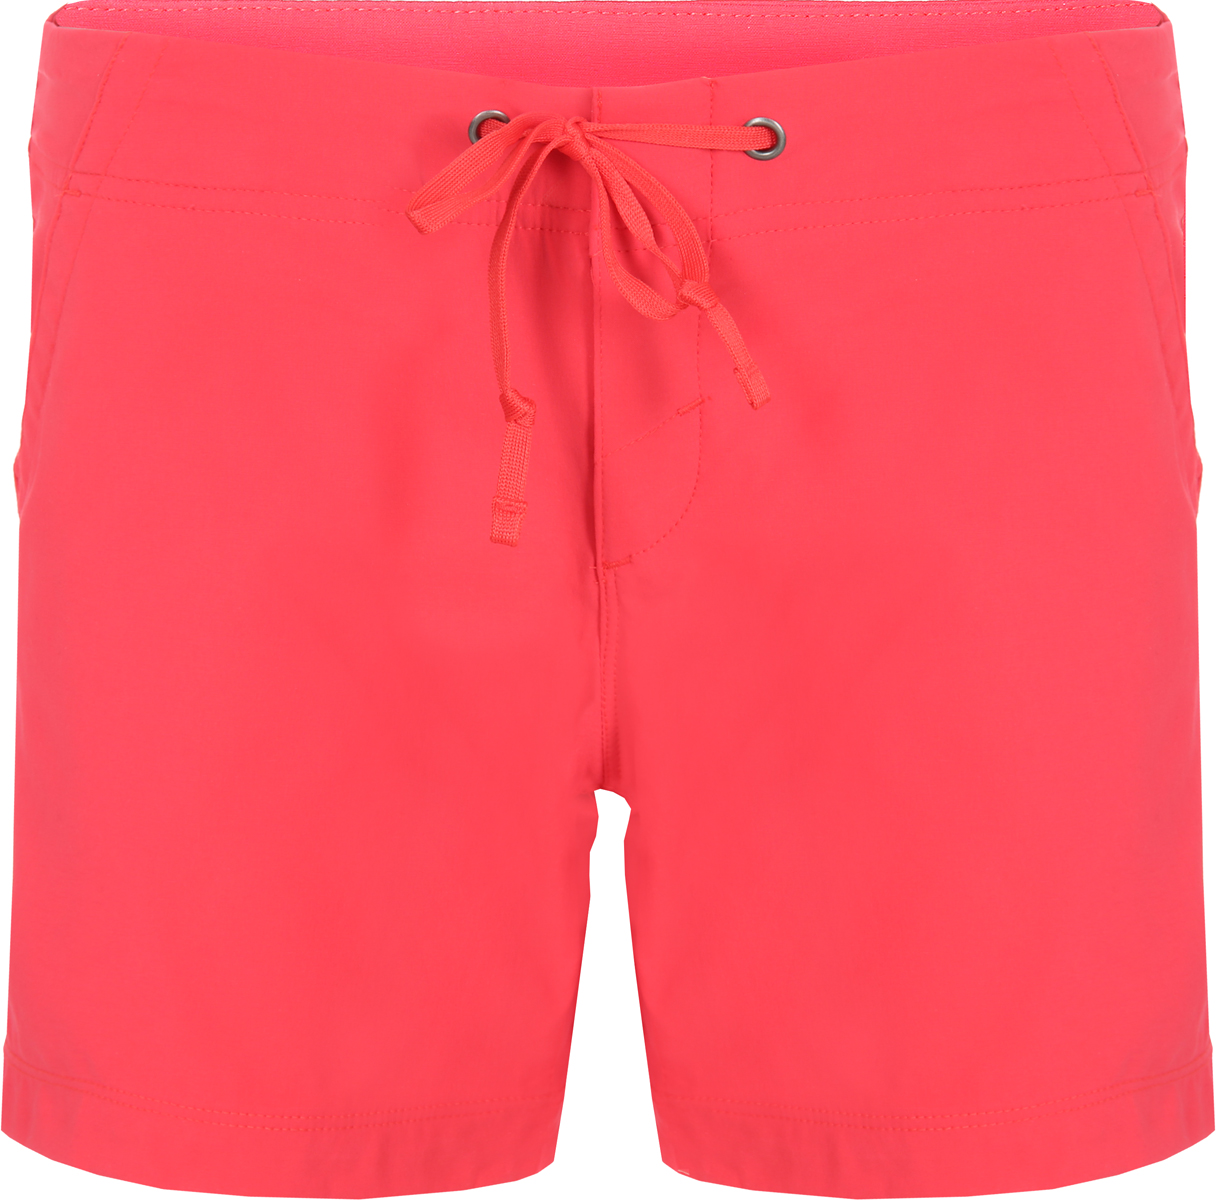 Шорты женские Columbia Anytime Outdoor Short, цвет: красный. 1579151-653. Размер 8 (48) шорты женские